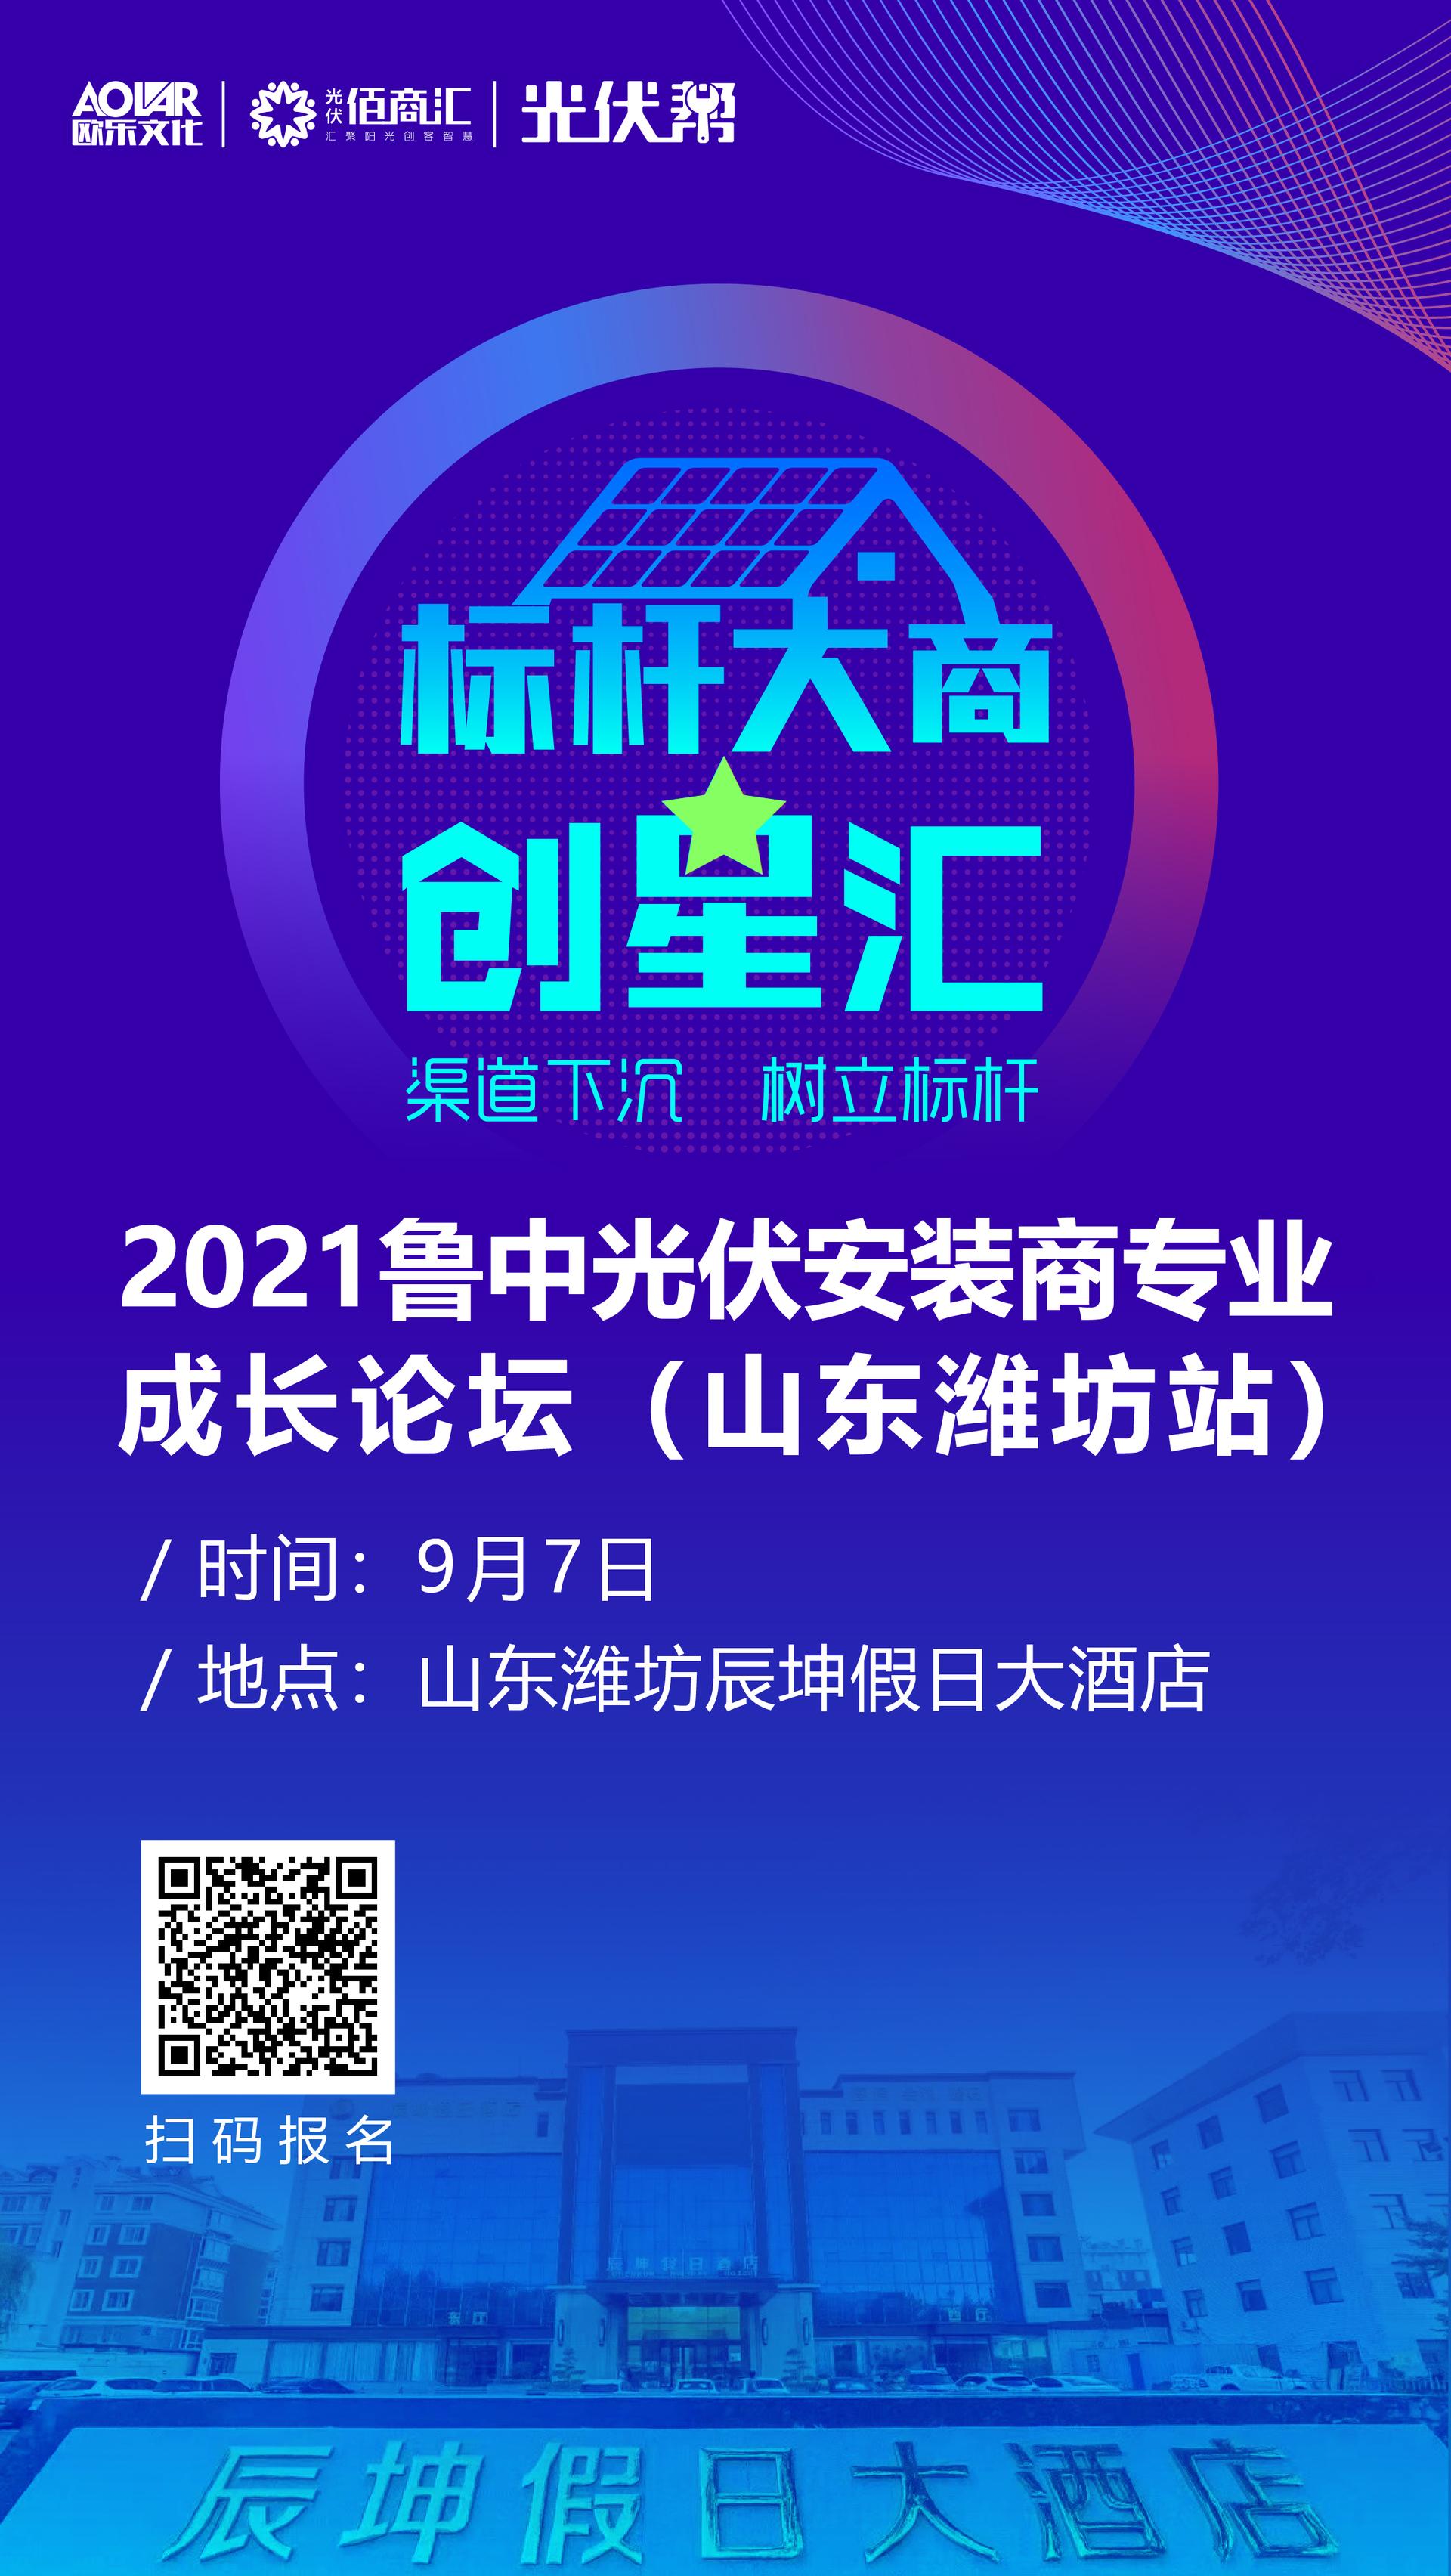 渠道下沉 专业再造   2021鲁中光伏安装商专业成长论坛(9月7日   山东潍坊)